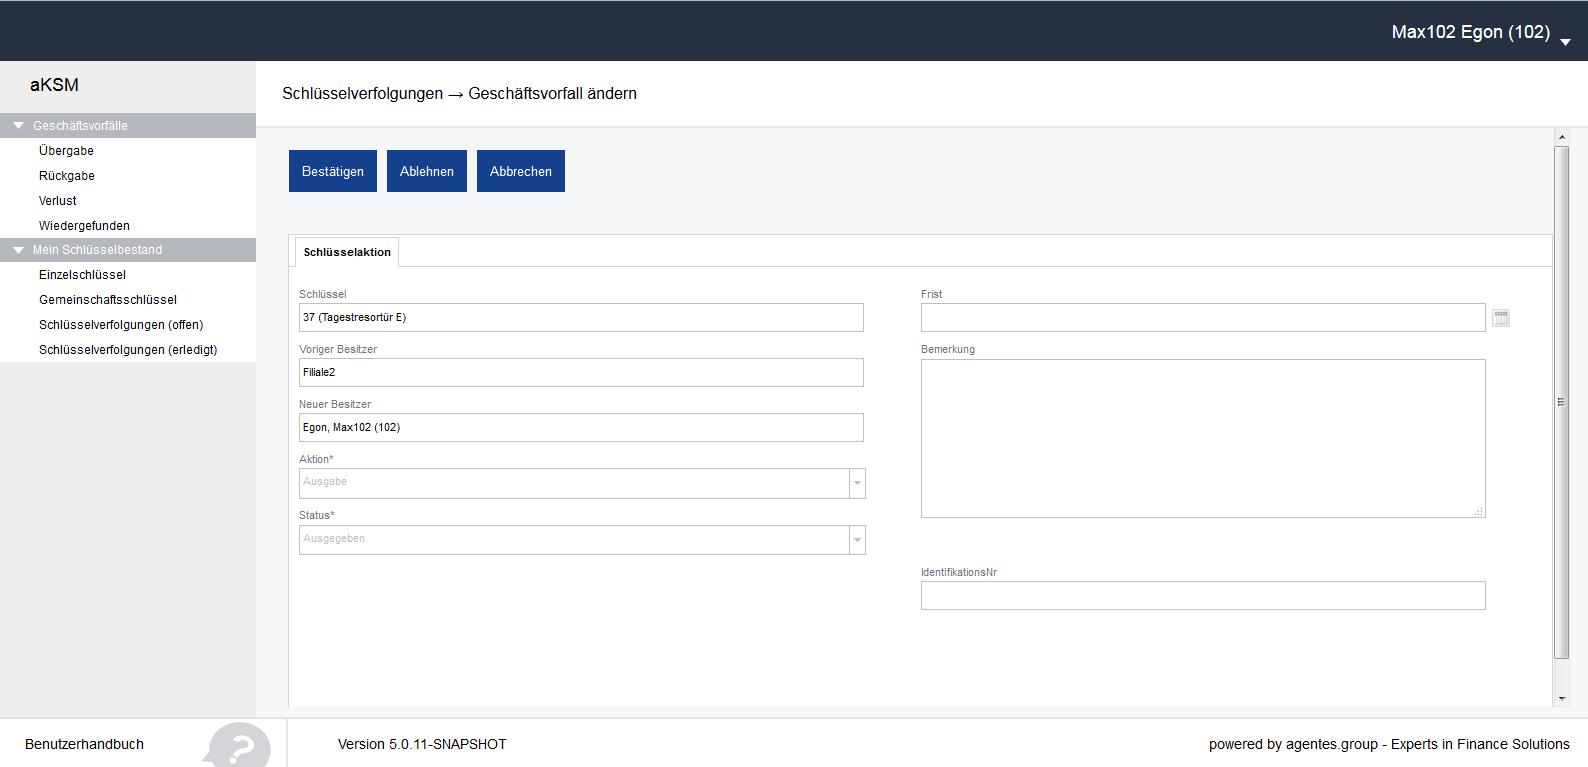 aKSM Screenshot 006 Schlüsselverfolgungen offen Benutzeraktionen